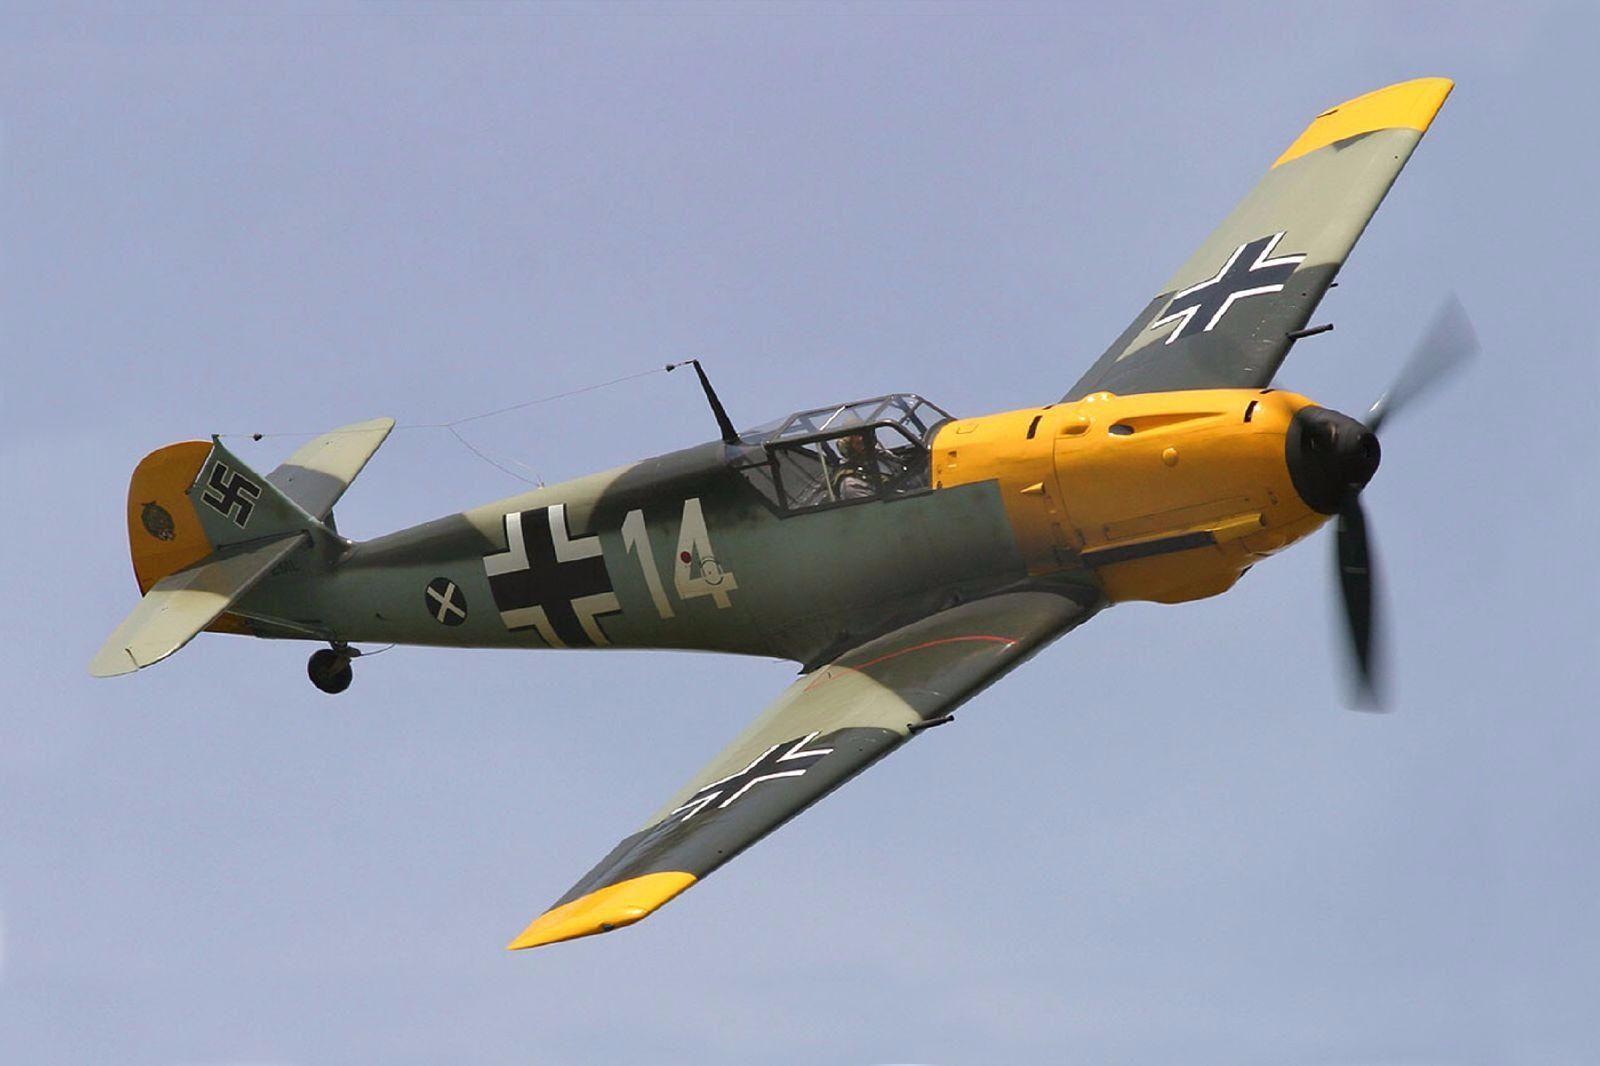 A Messerschmitt BF 109